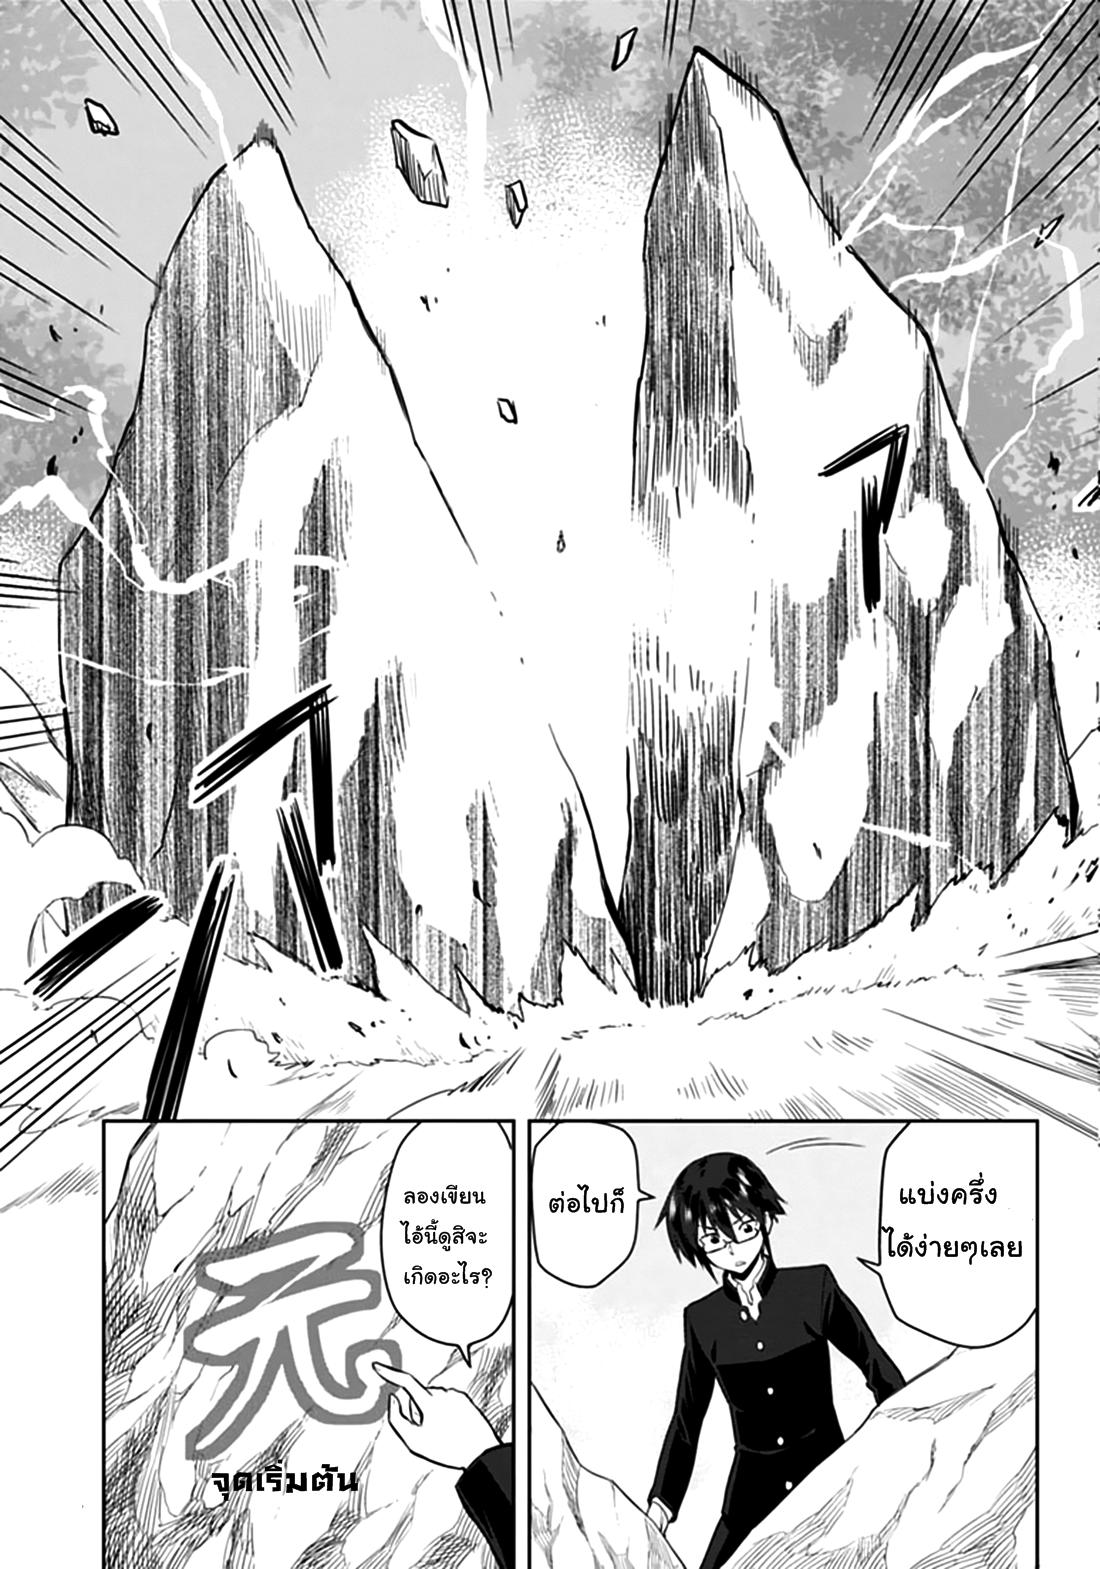 อ่านการ์ตูน Konjiki no Word Master 2 ภาพที่ 13